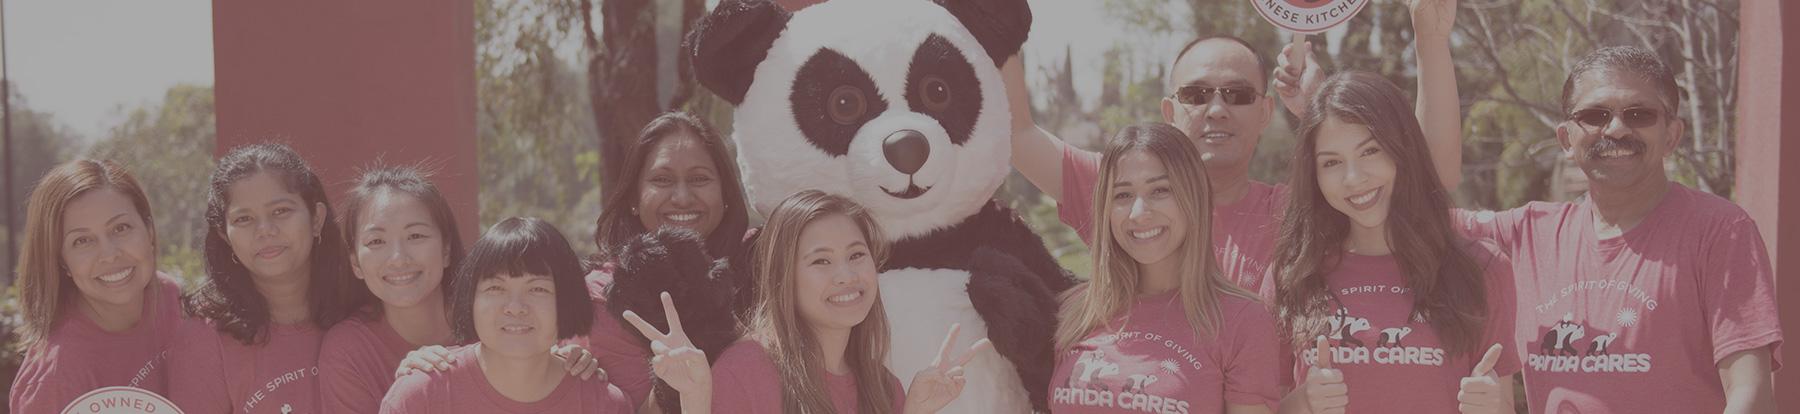 Associates with Panda bear